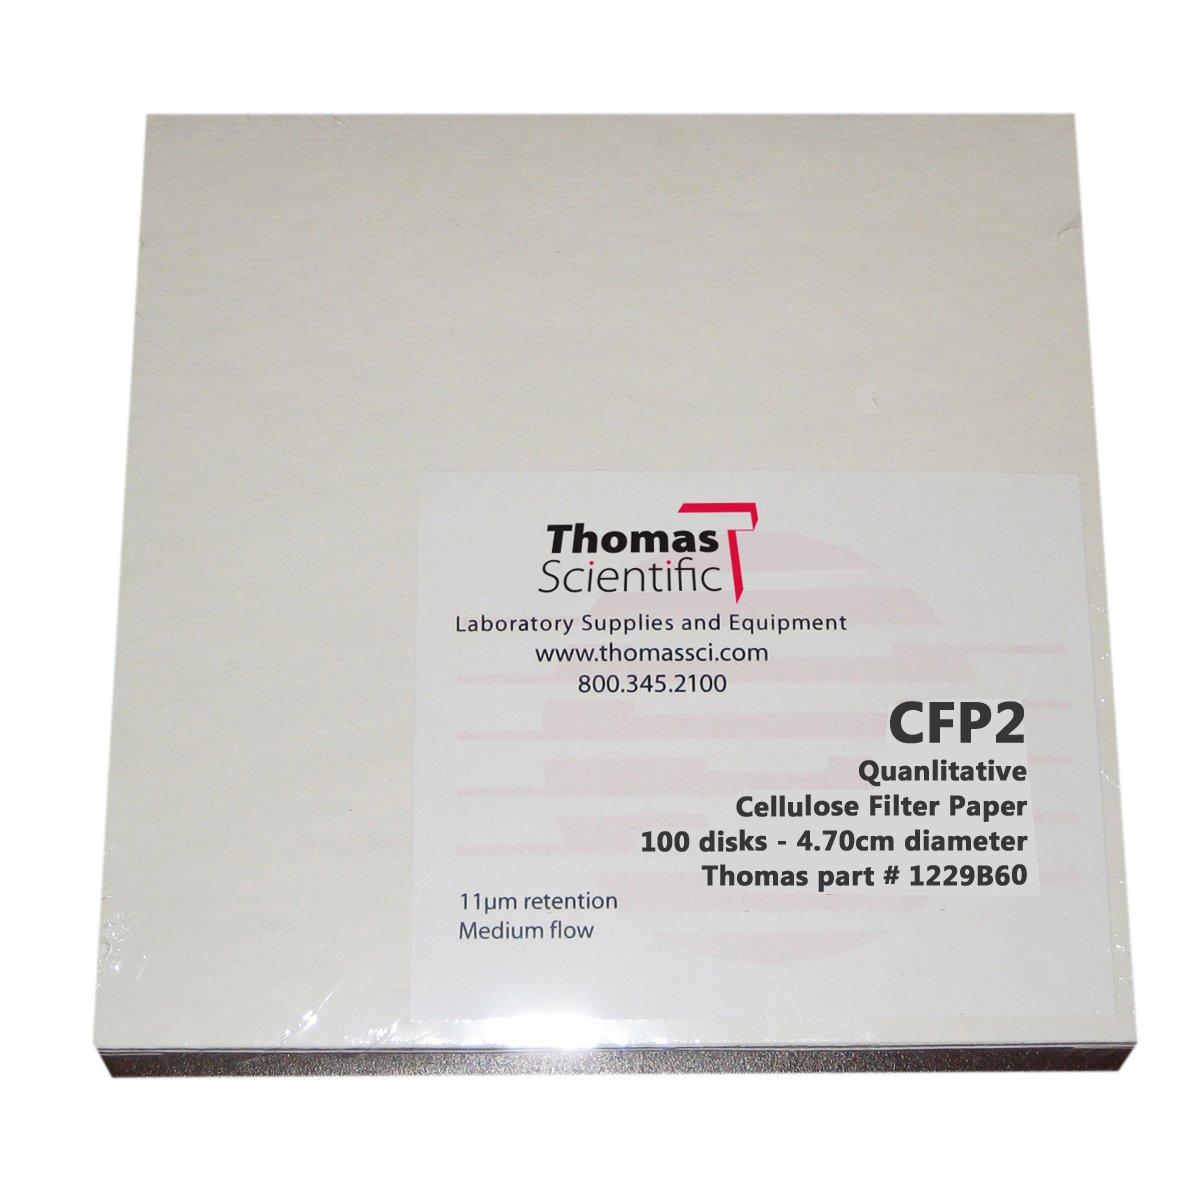 Thomas CFP2-150 Cellulose Qualitative Filter Paper, 8 Micron, Medium-Slow Flow, Grade CFP2, 15cm Diameter (Pack of 100)